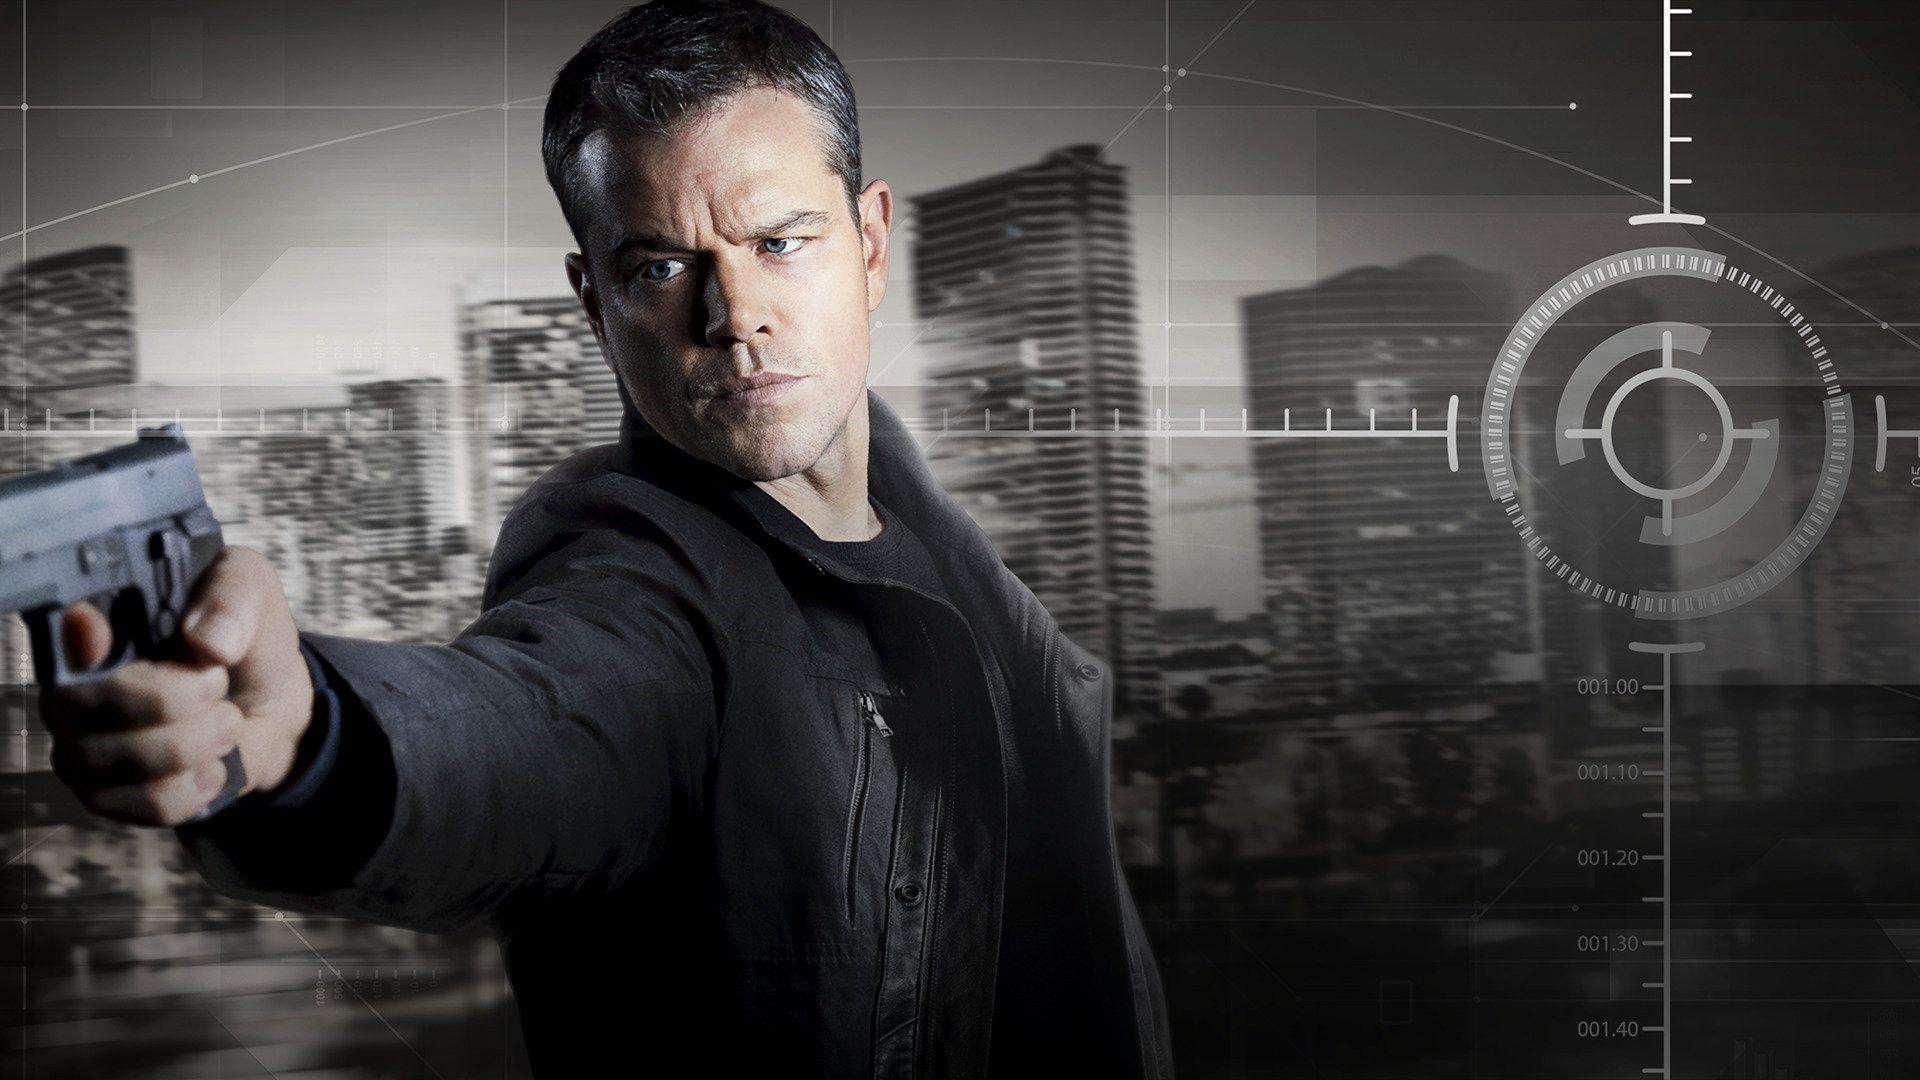 Bourne Bersaglio in movimento